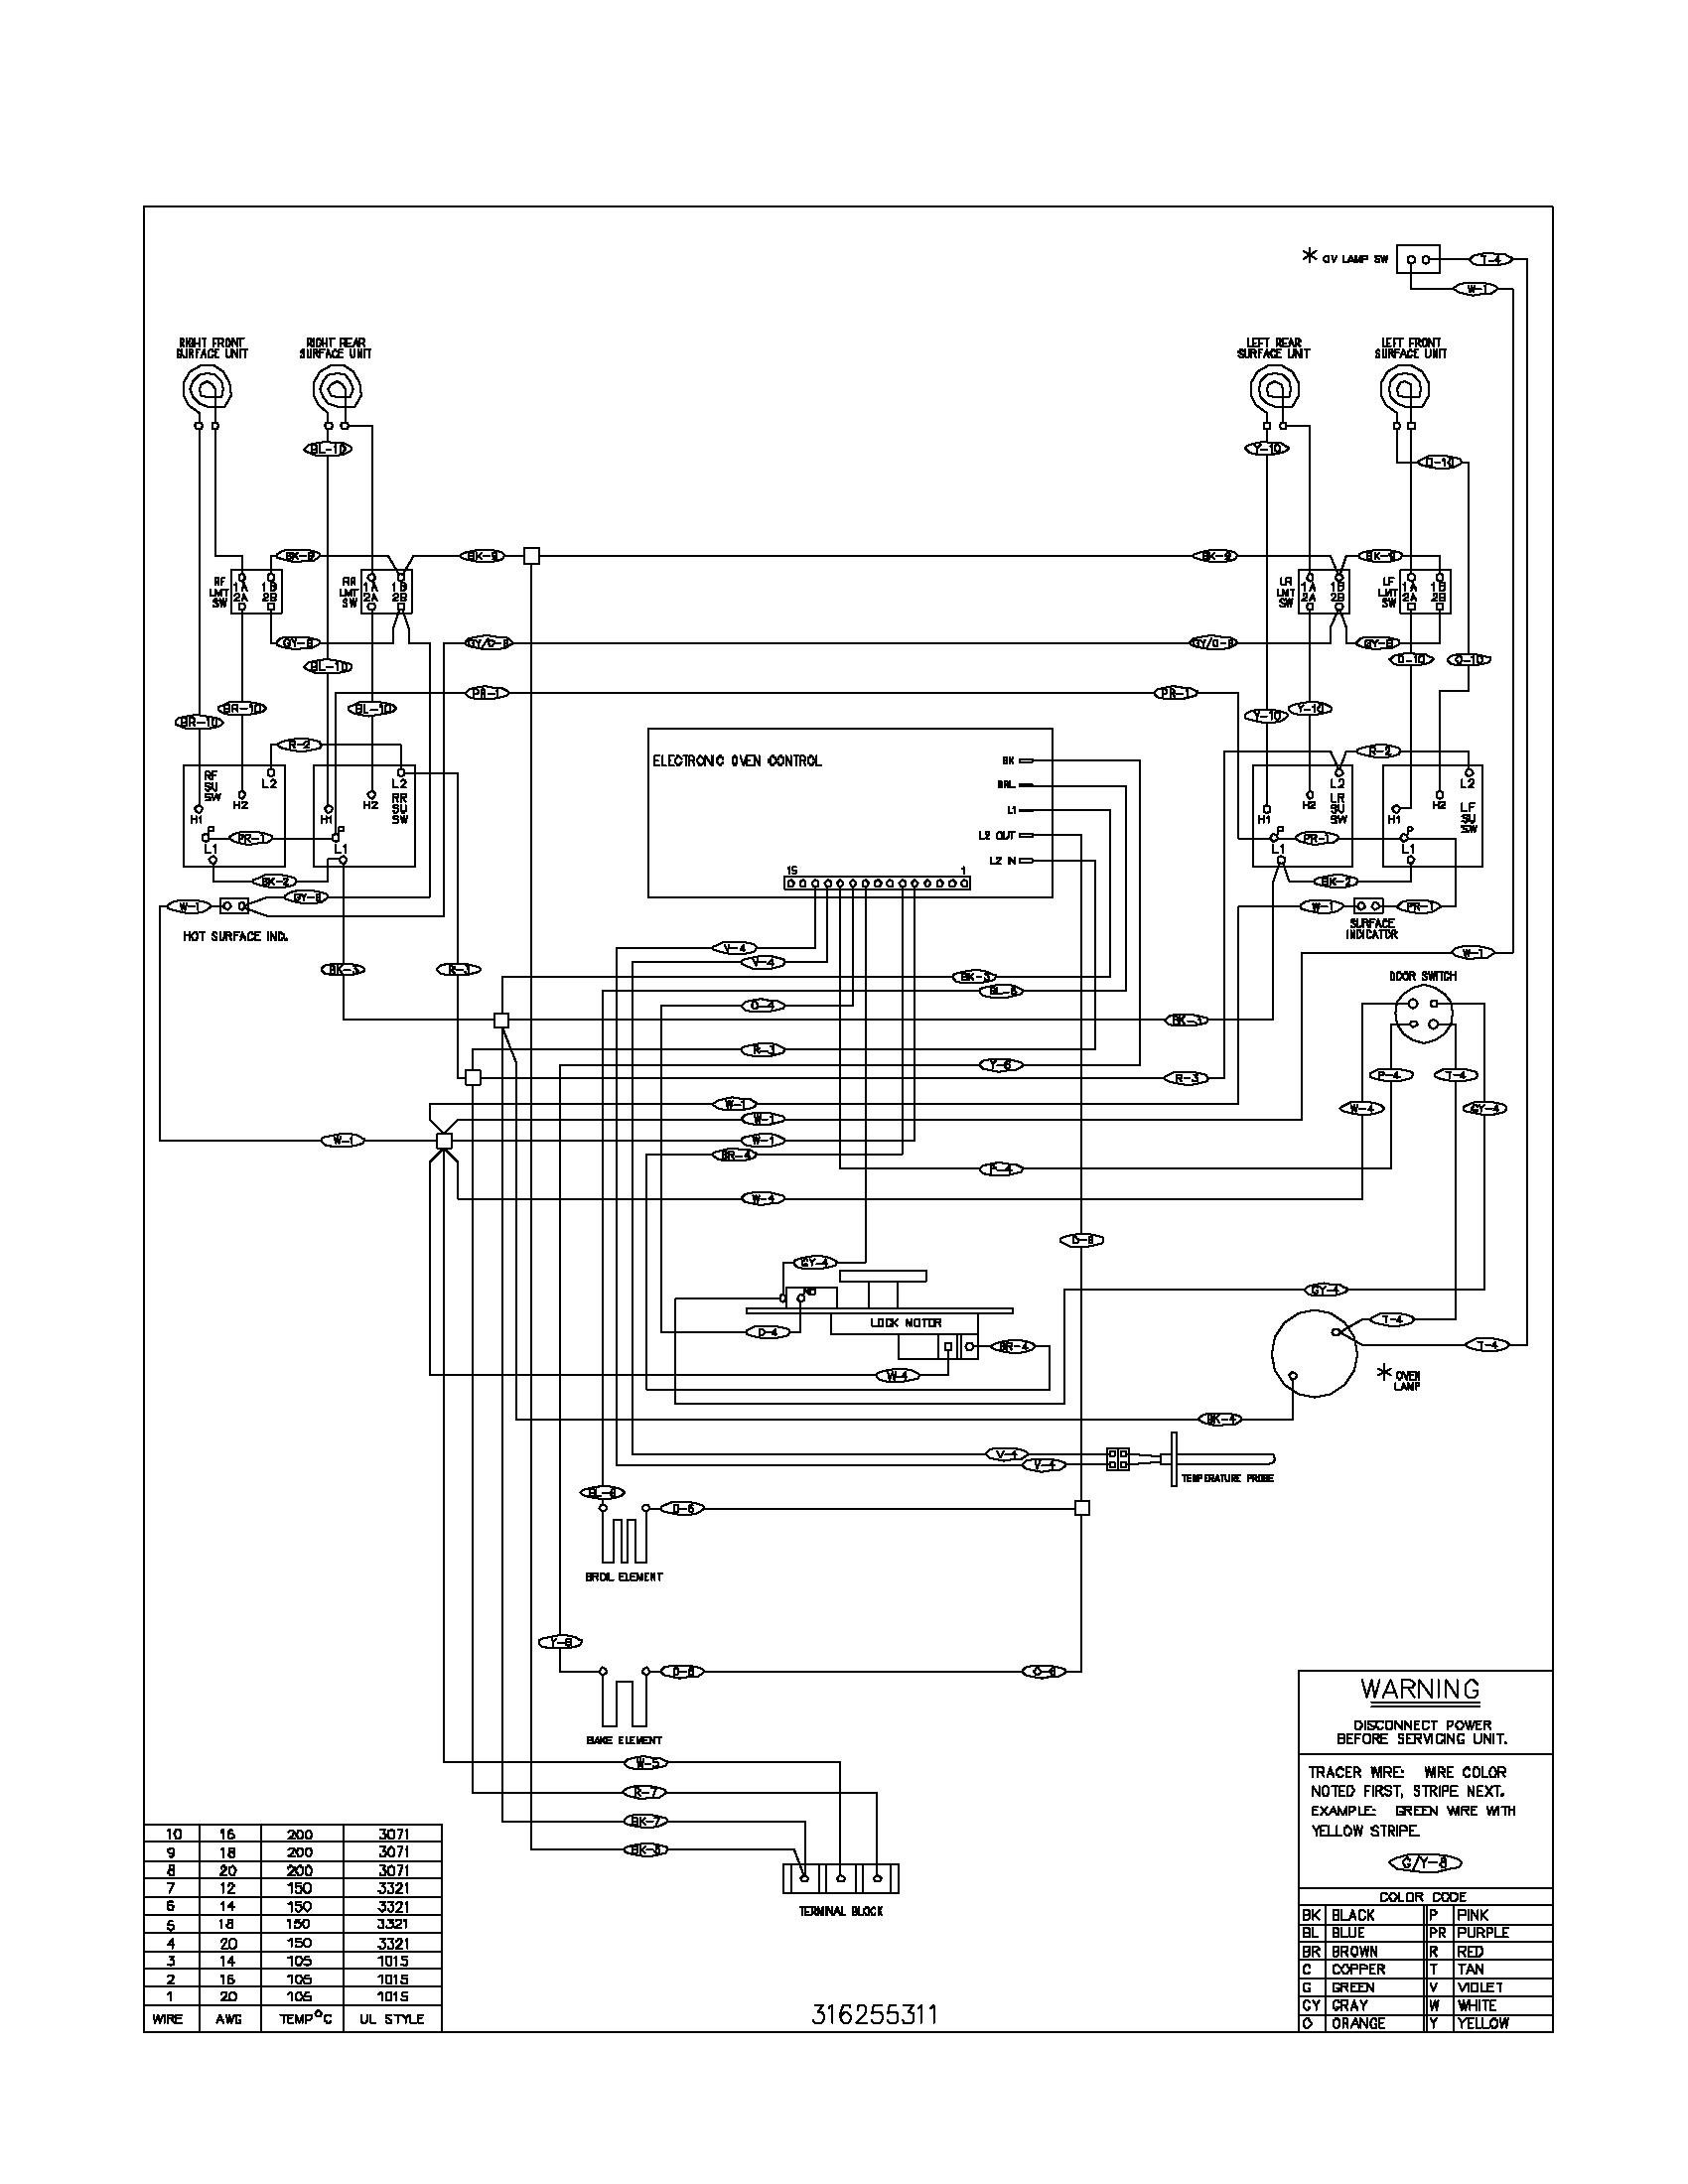 oven schematic wiring diagram [ 1700 x 2200 Pixel ]